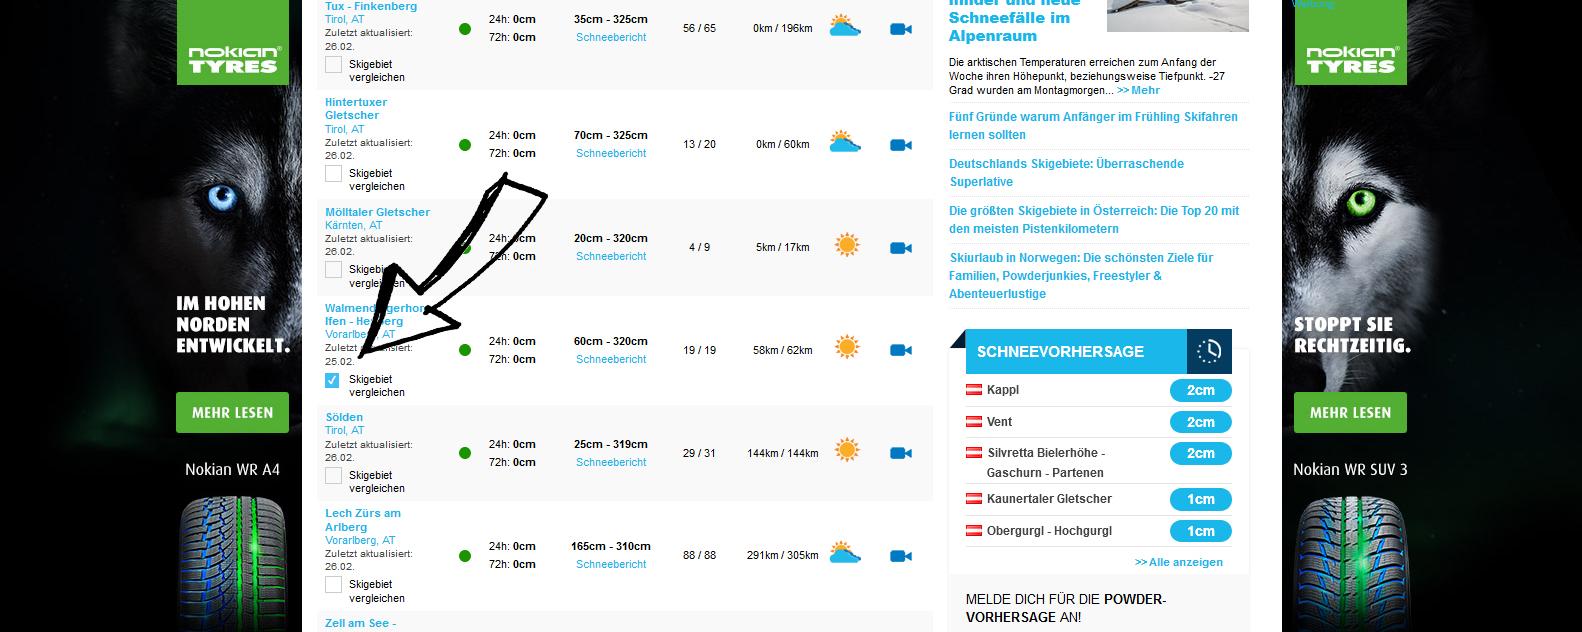 Ski Sonnenbrillen Test 2012   United Nations System Chief